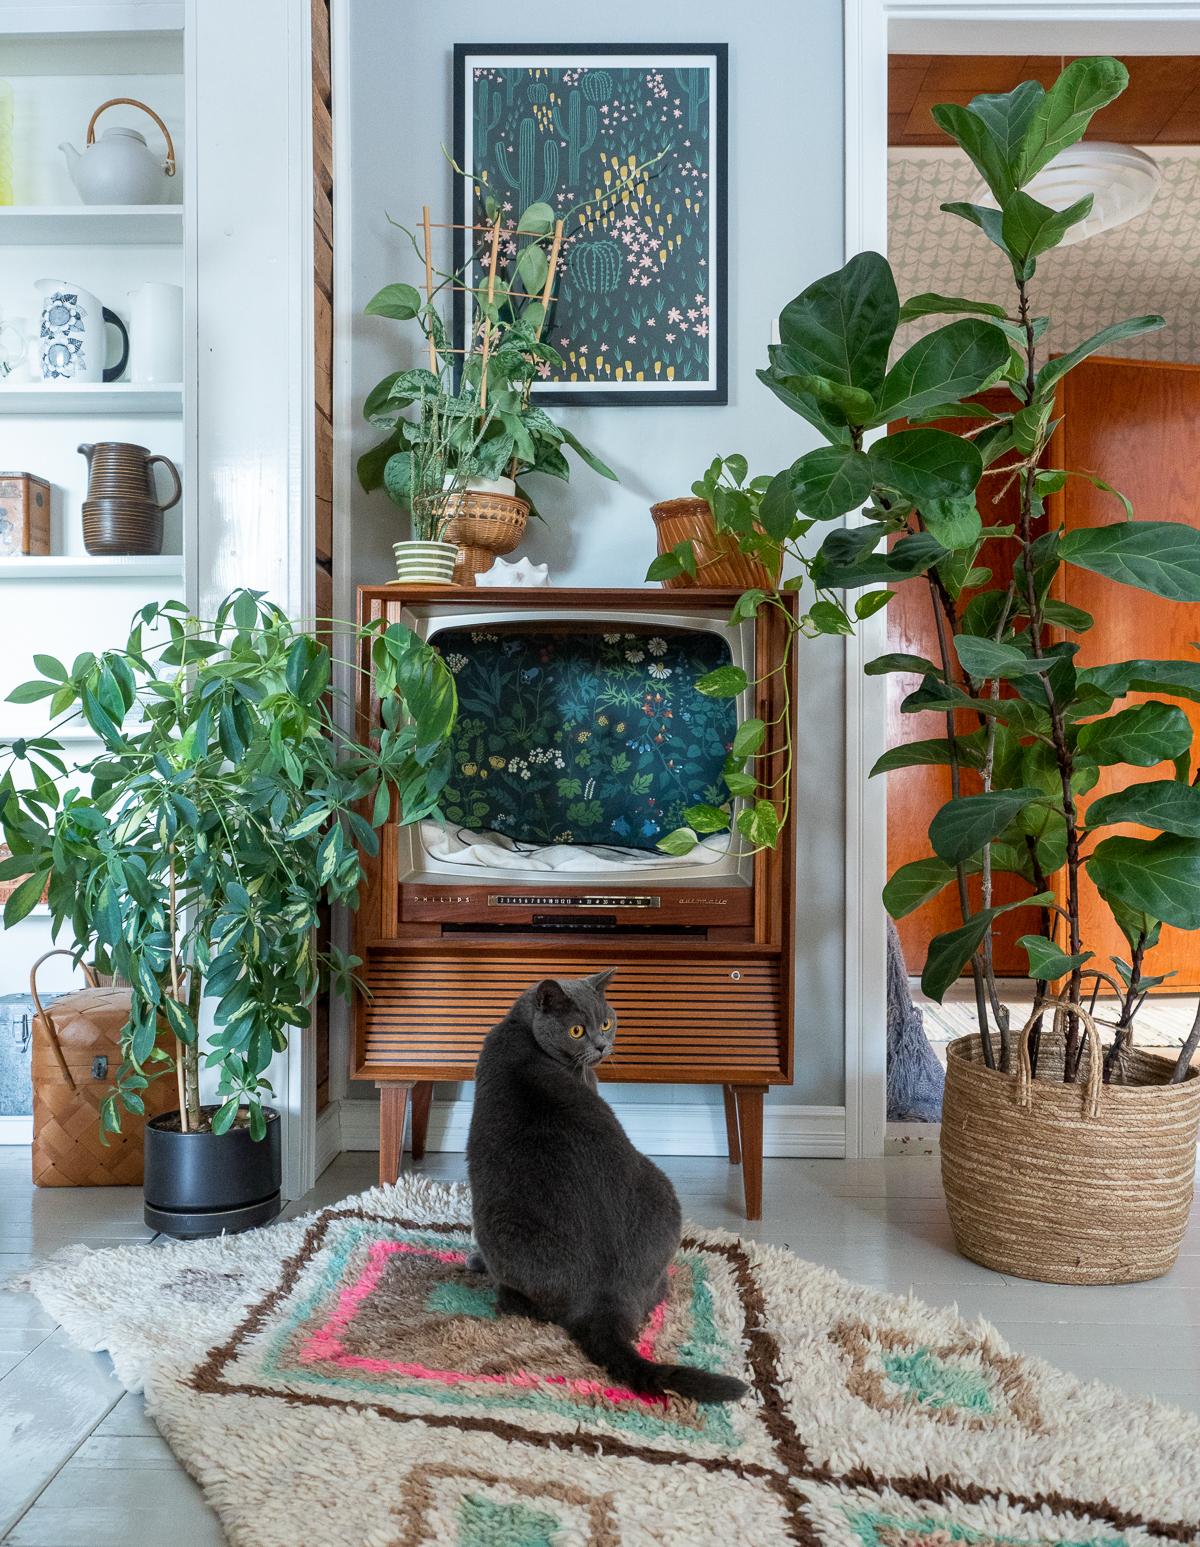 kissanpeti vanhasta televisiosta